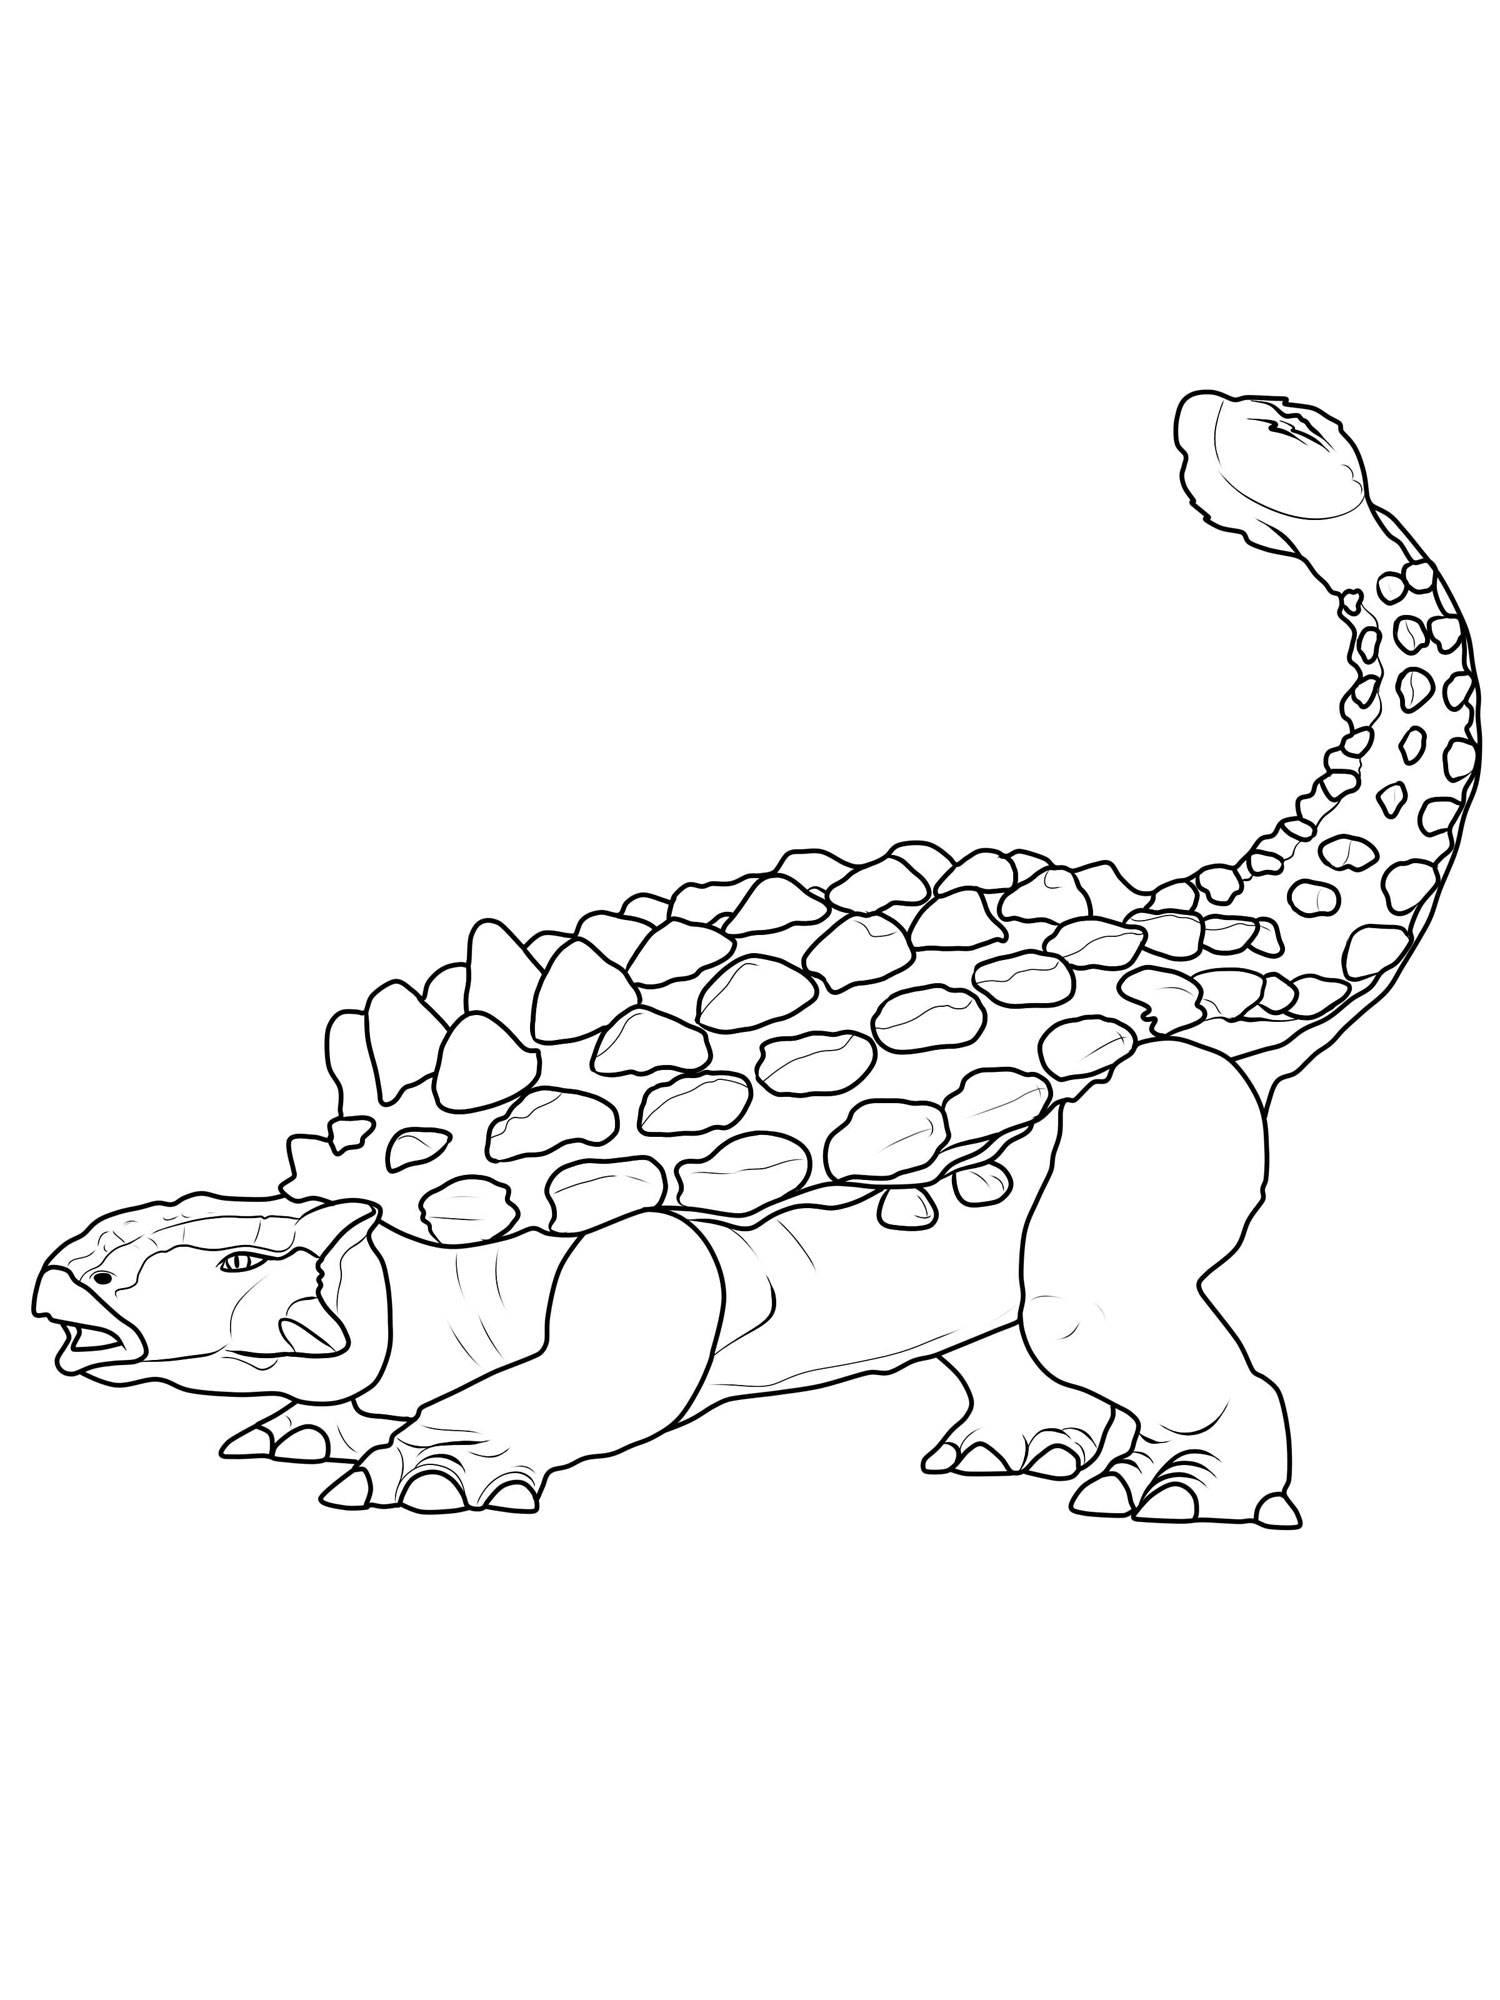 Dinosaurier Ausmalbilder Kostenlos Ausdrucken : Ausmalbild Dinosaurier Und Steinzeit Dinosaurier Ankylosaurus